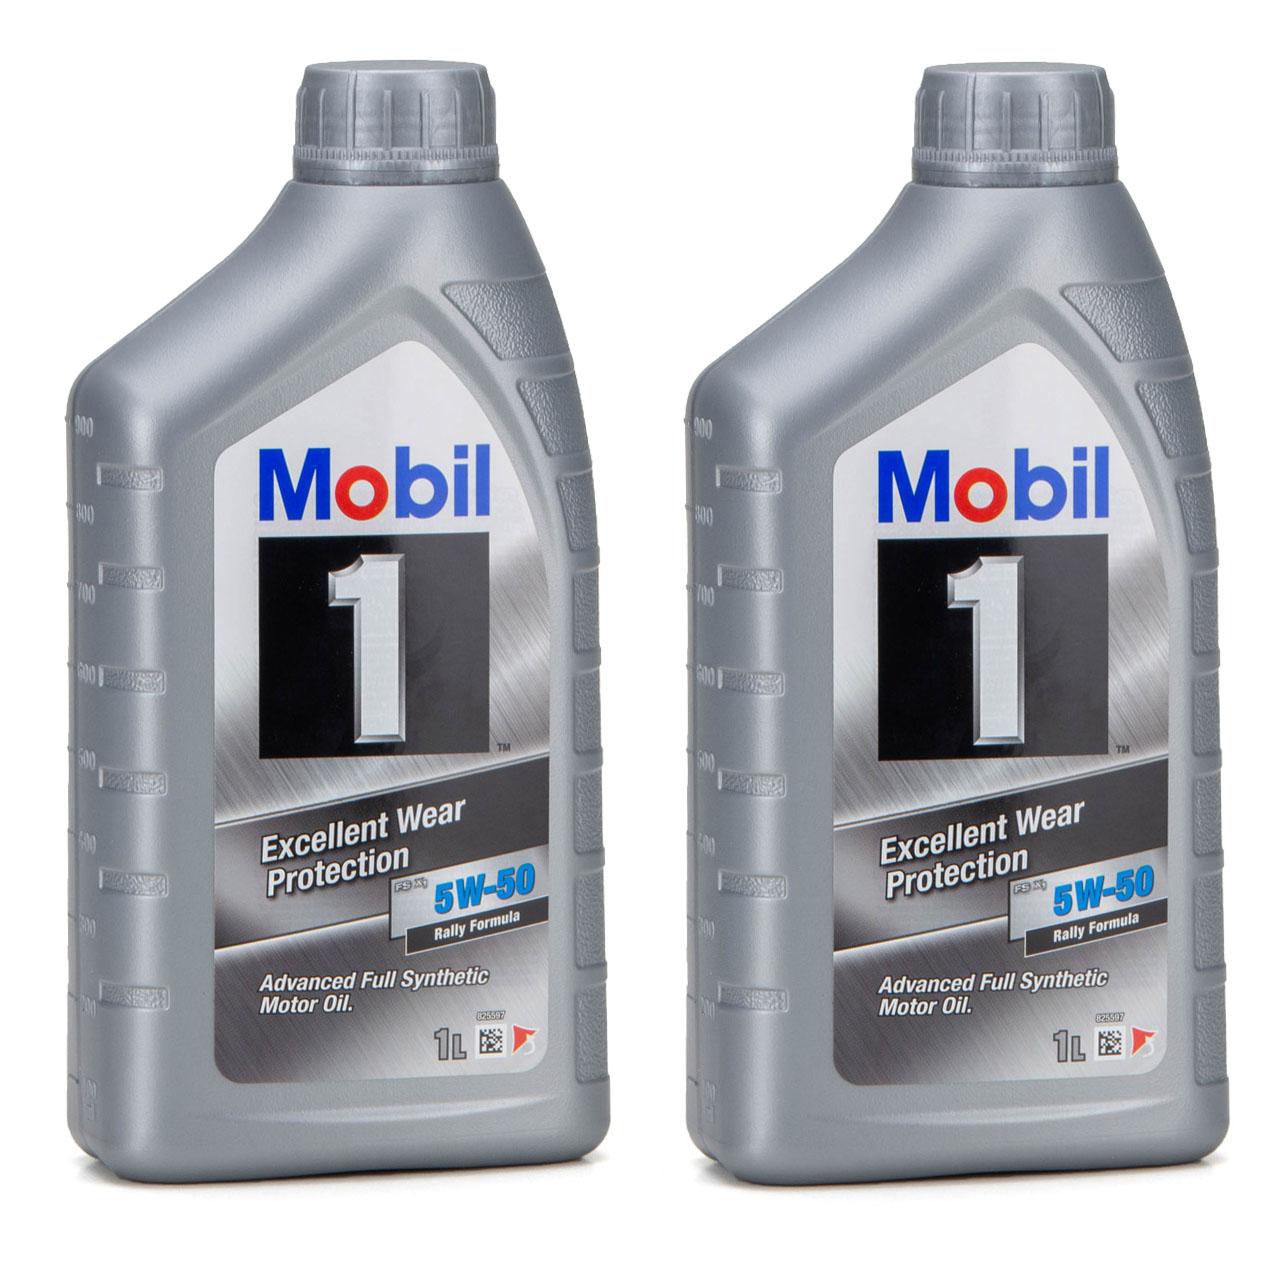 Mobil 1 FS X1 Motoröl Öl 5W-50 5W50 PORSCHE A40 MB 229.3 / 229.1 - 2L 2 Liter